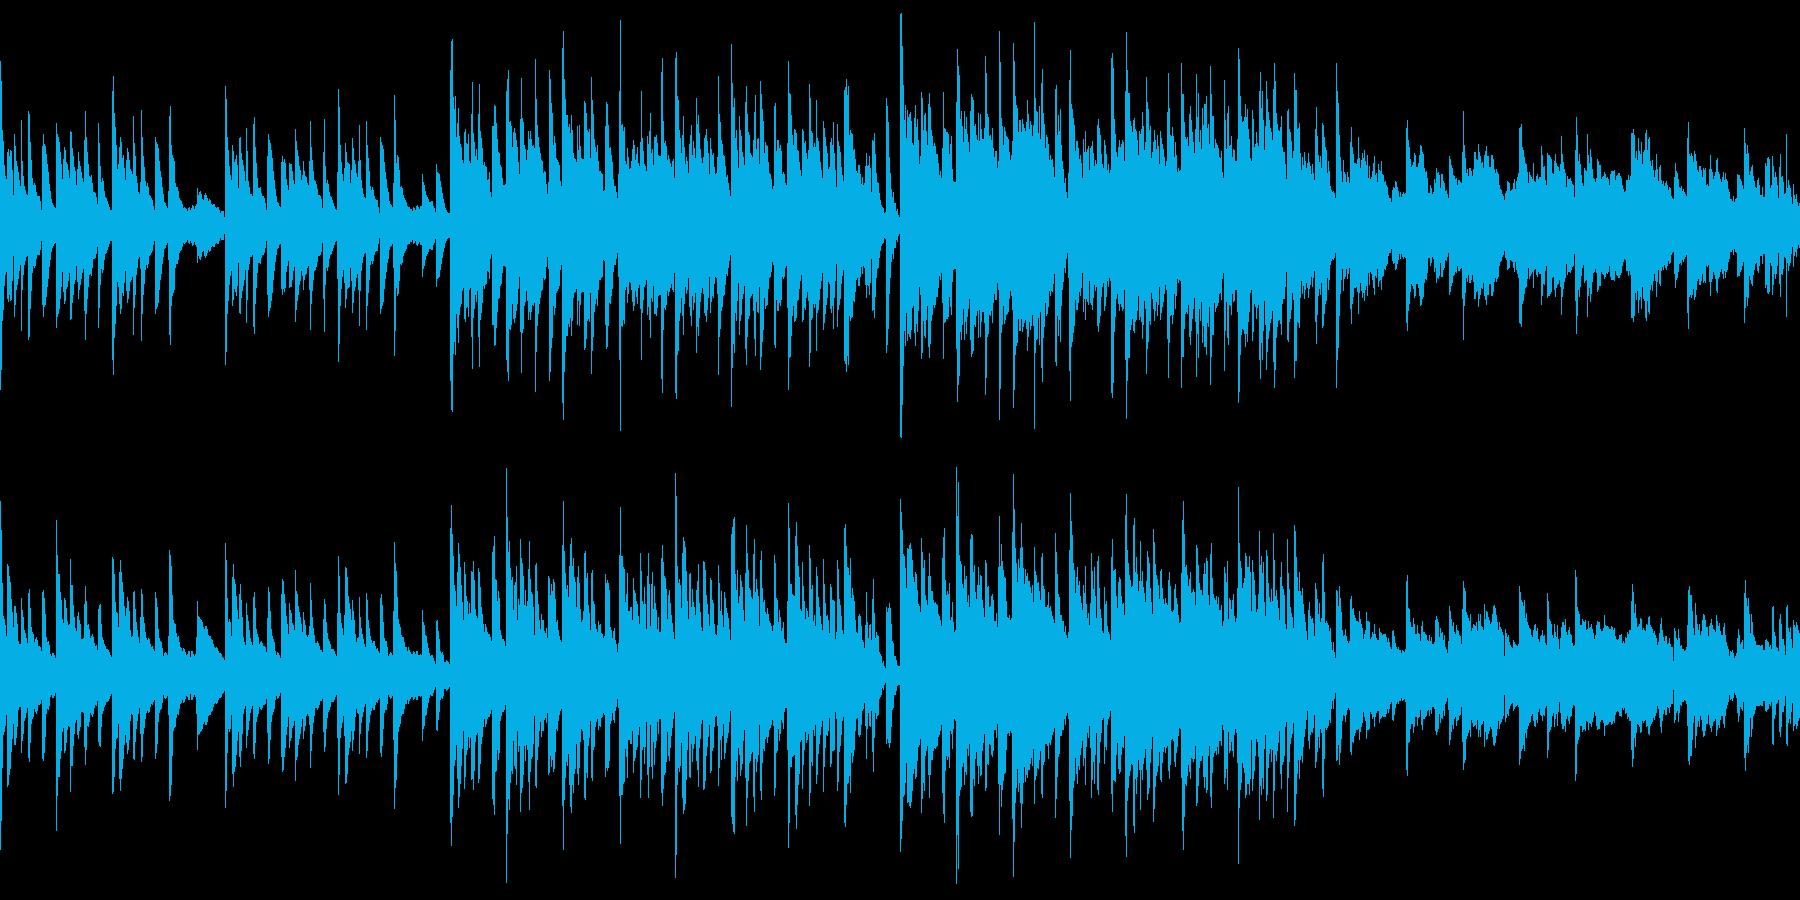 懐かしさや日没を想起させるBGM/ループの再生済みの波形